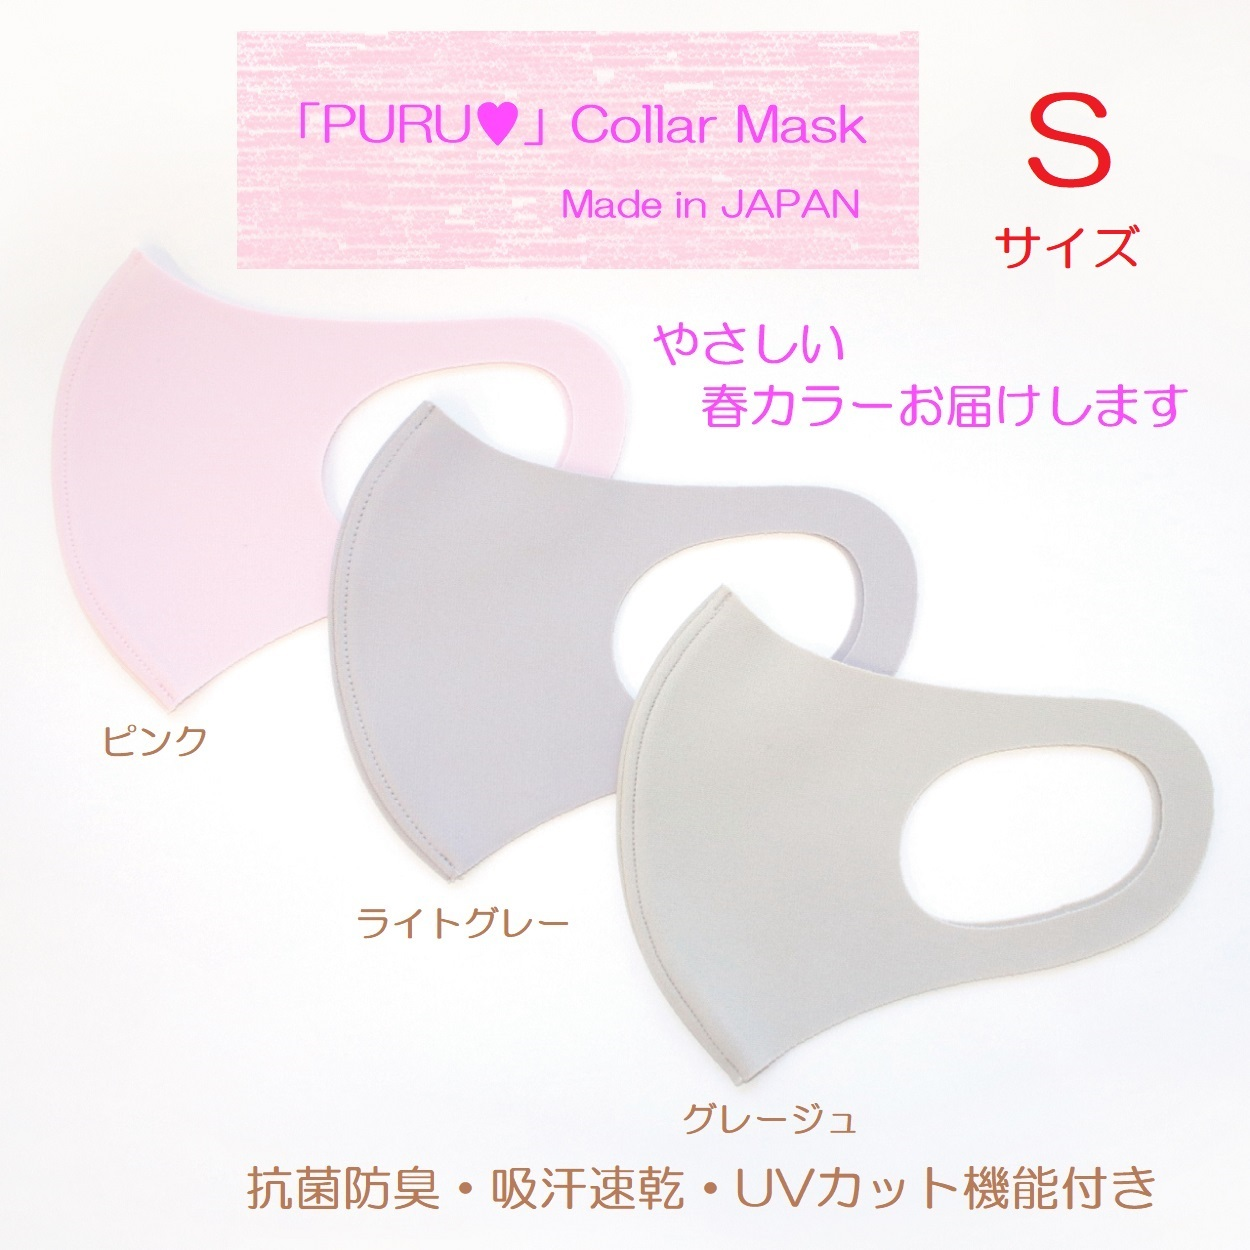 「ぷる♥」春カラーマスク Sサイズ  同色2枚入り【日本製】